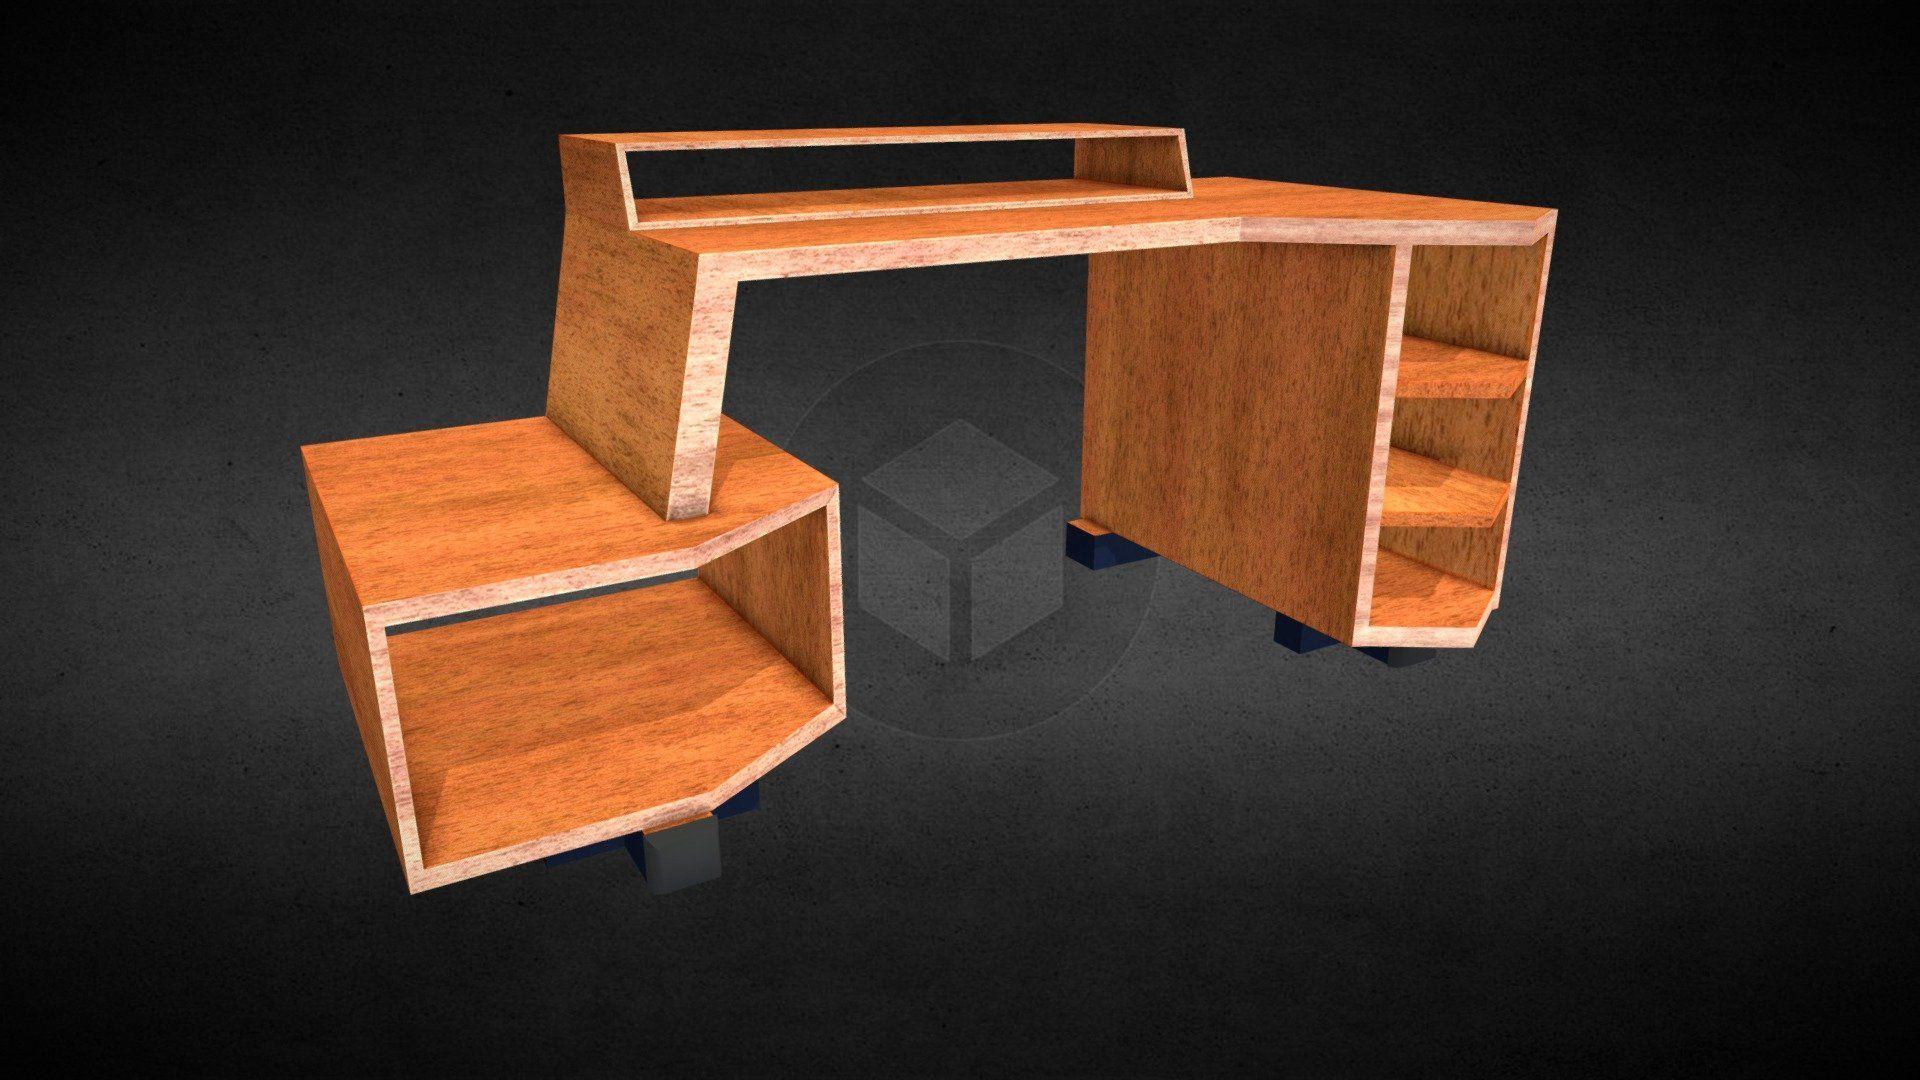 Gamer Desk By Paburoviii Buy Desk Model Game Engine